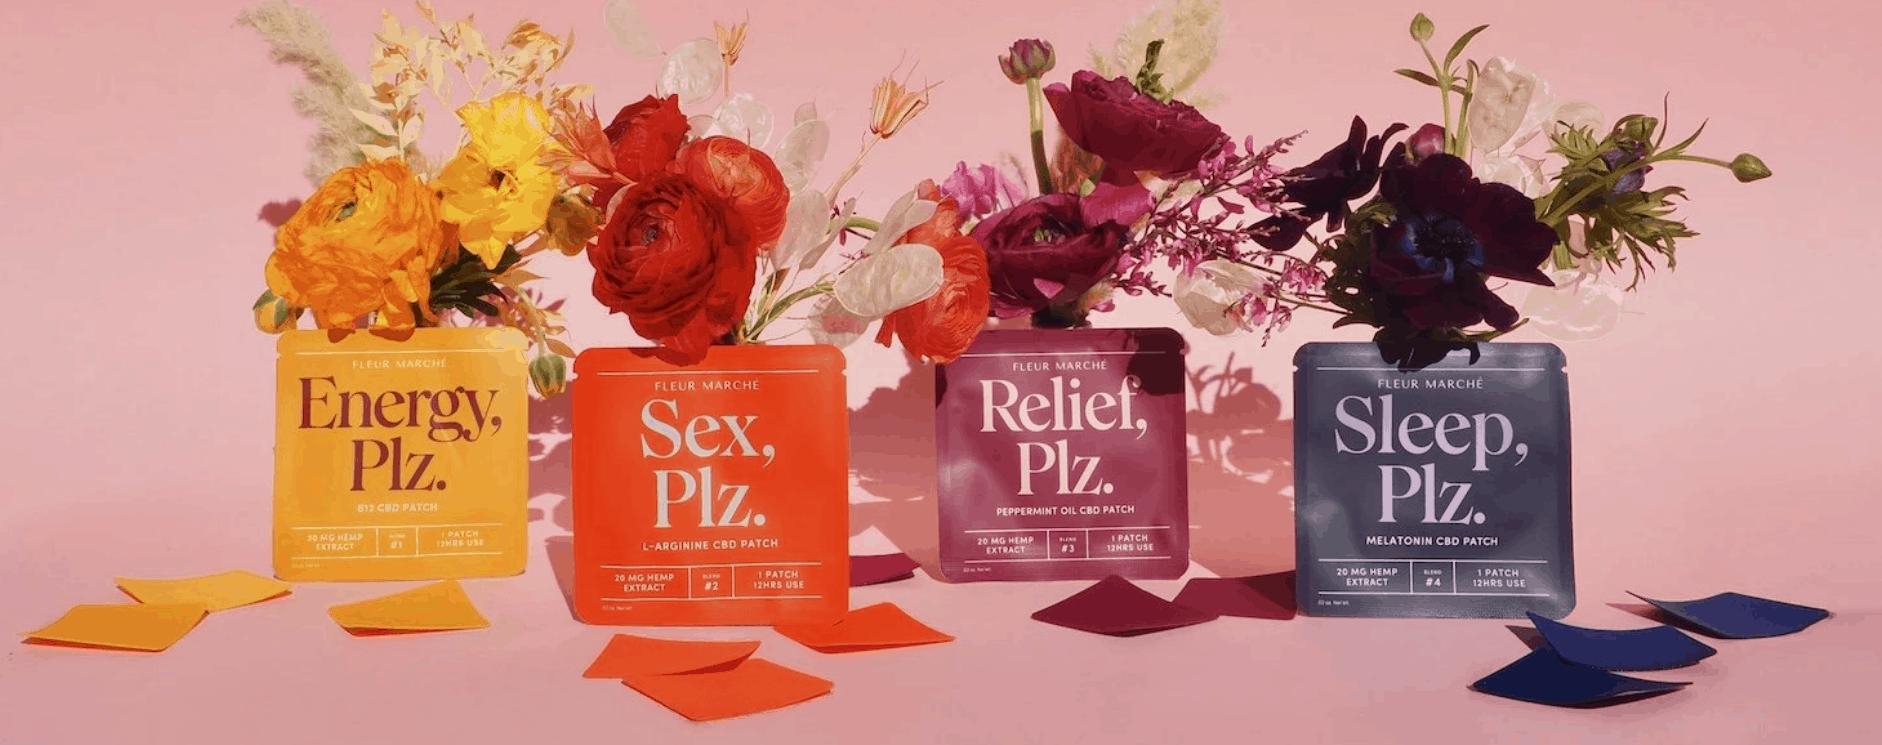 Fleur Marche CBD Coupons Our Products